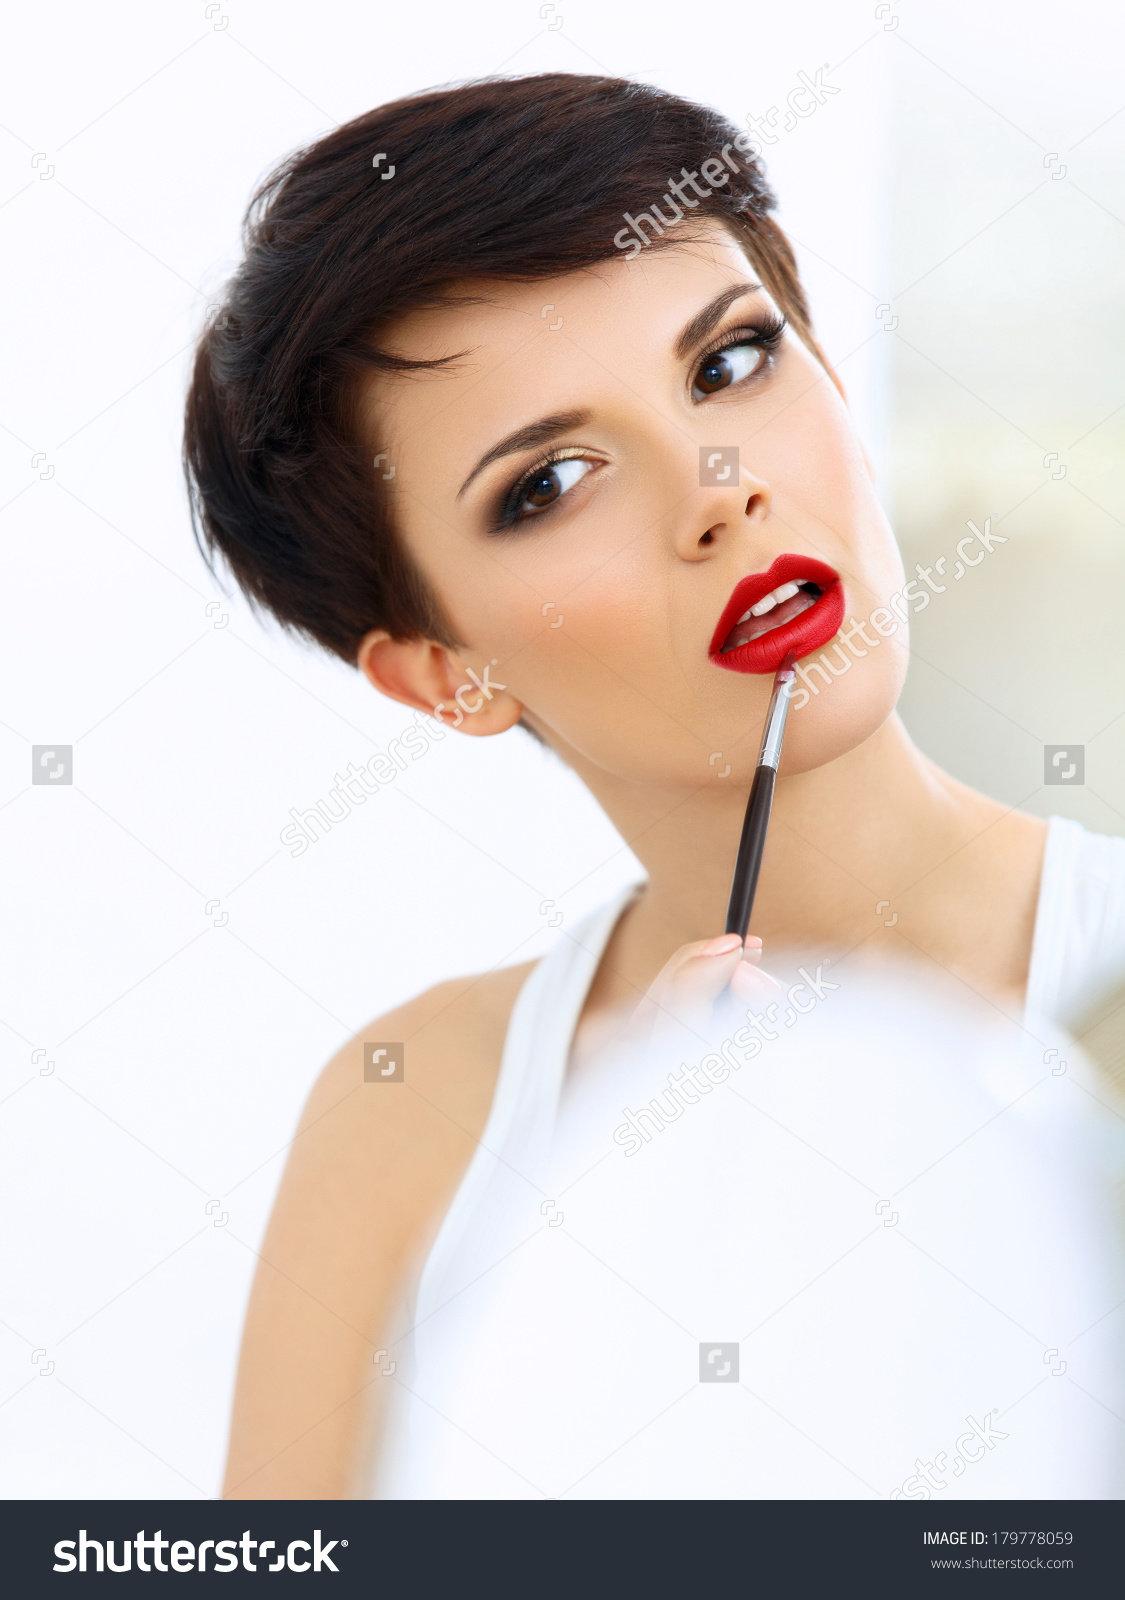 Макияж с акцентом на губы для брюнеток